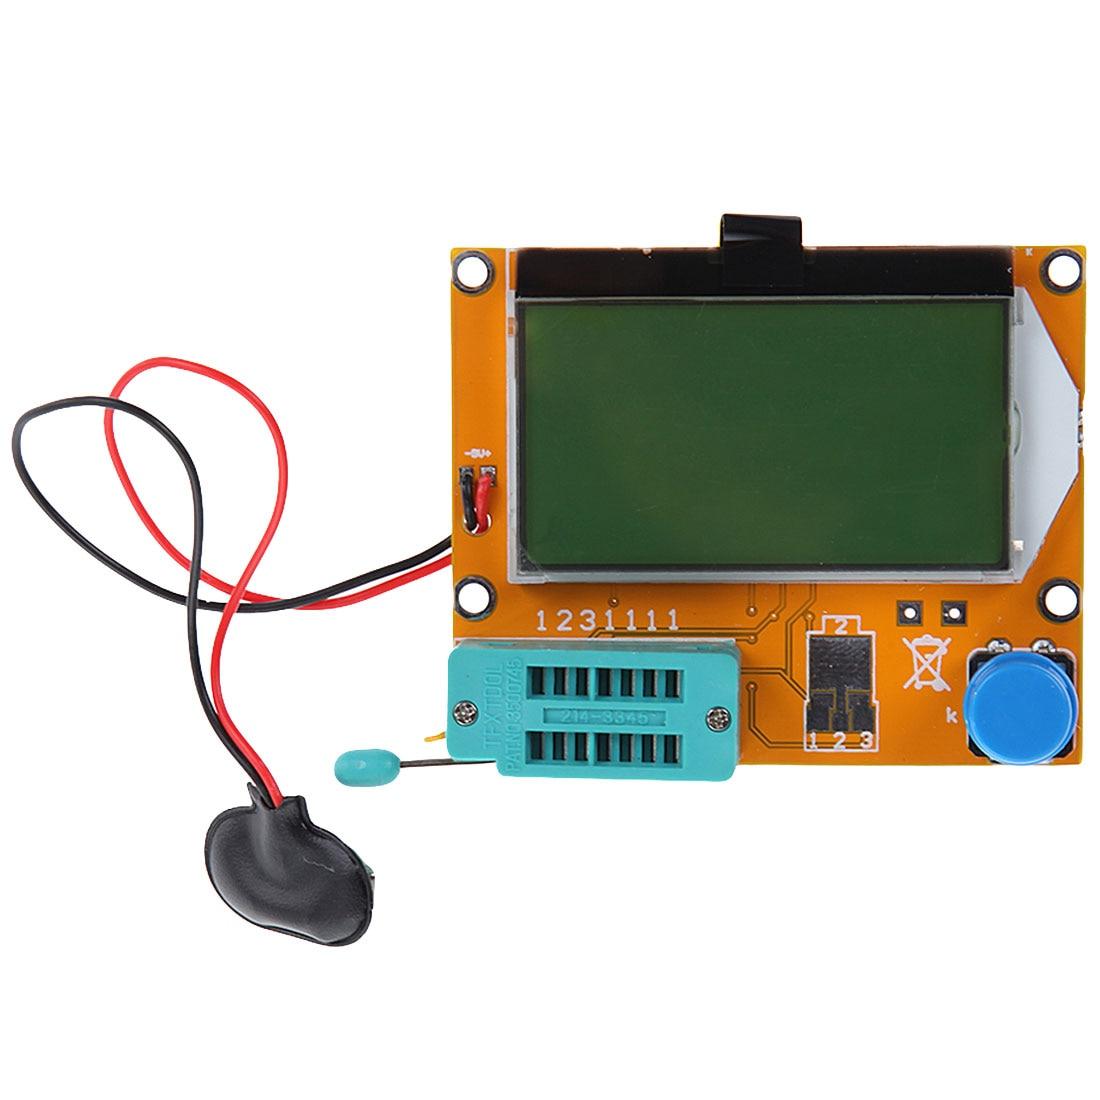 ЖК-цифровой тестер транзисторов измеритель емкости диода триода ESR измеритель MOS/PNP/NPN L/C/R Mega328 M328 LCR-T4